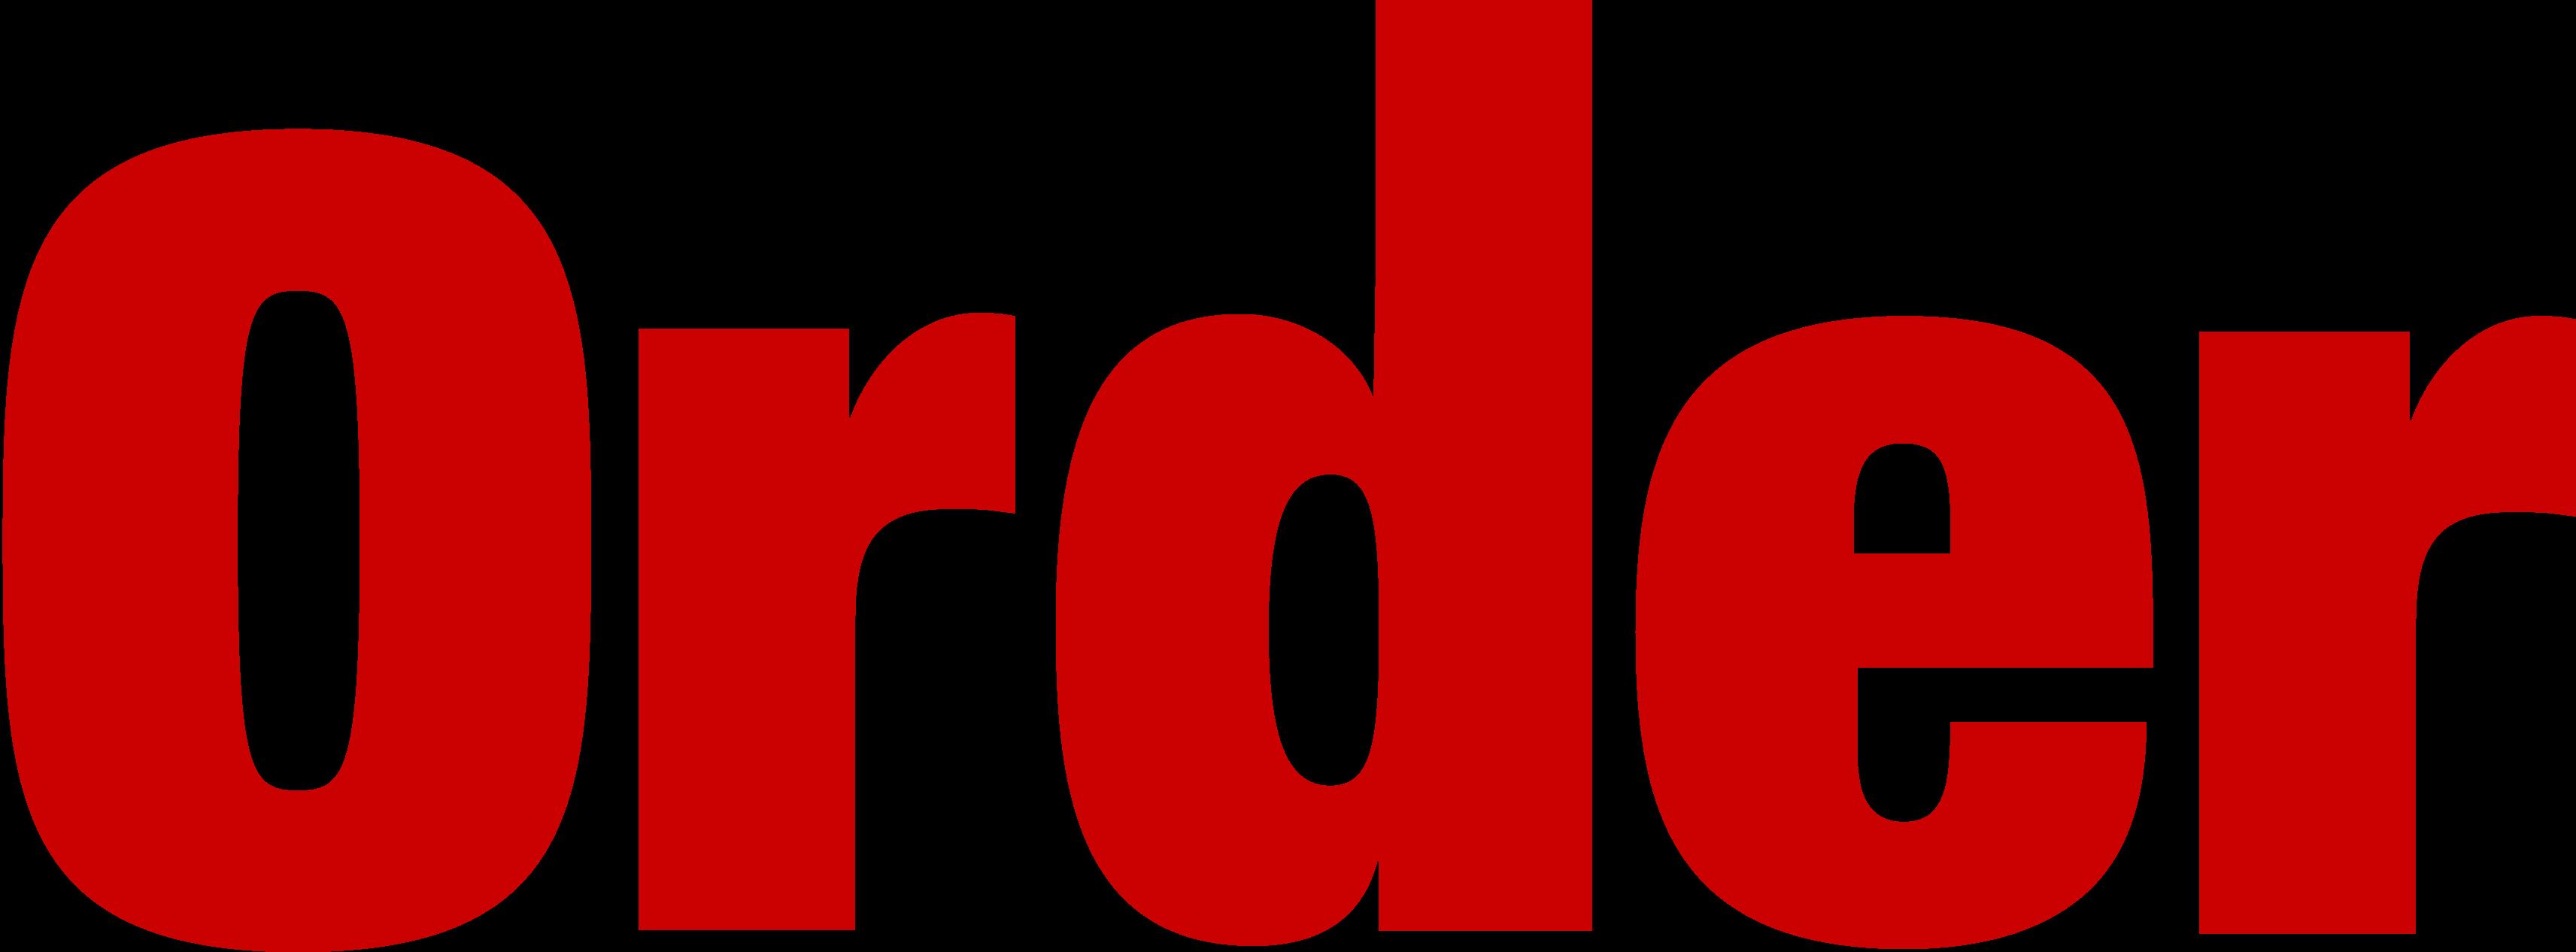 slider-image-https://vendre.testavendre.se/image/464/Order-Nordic-AB-logo.png